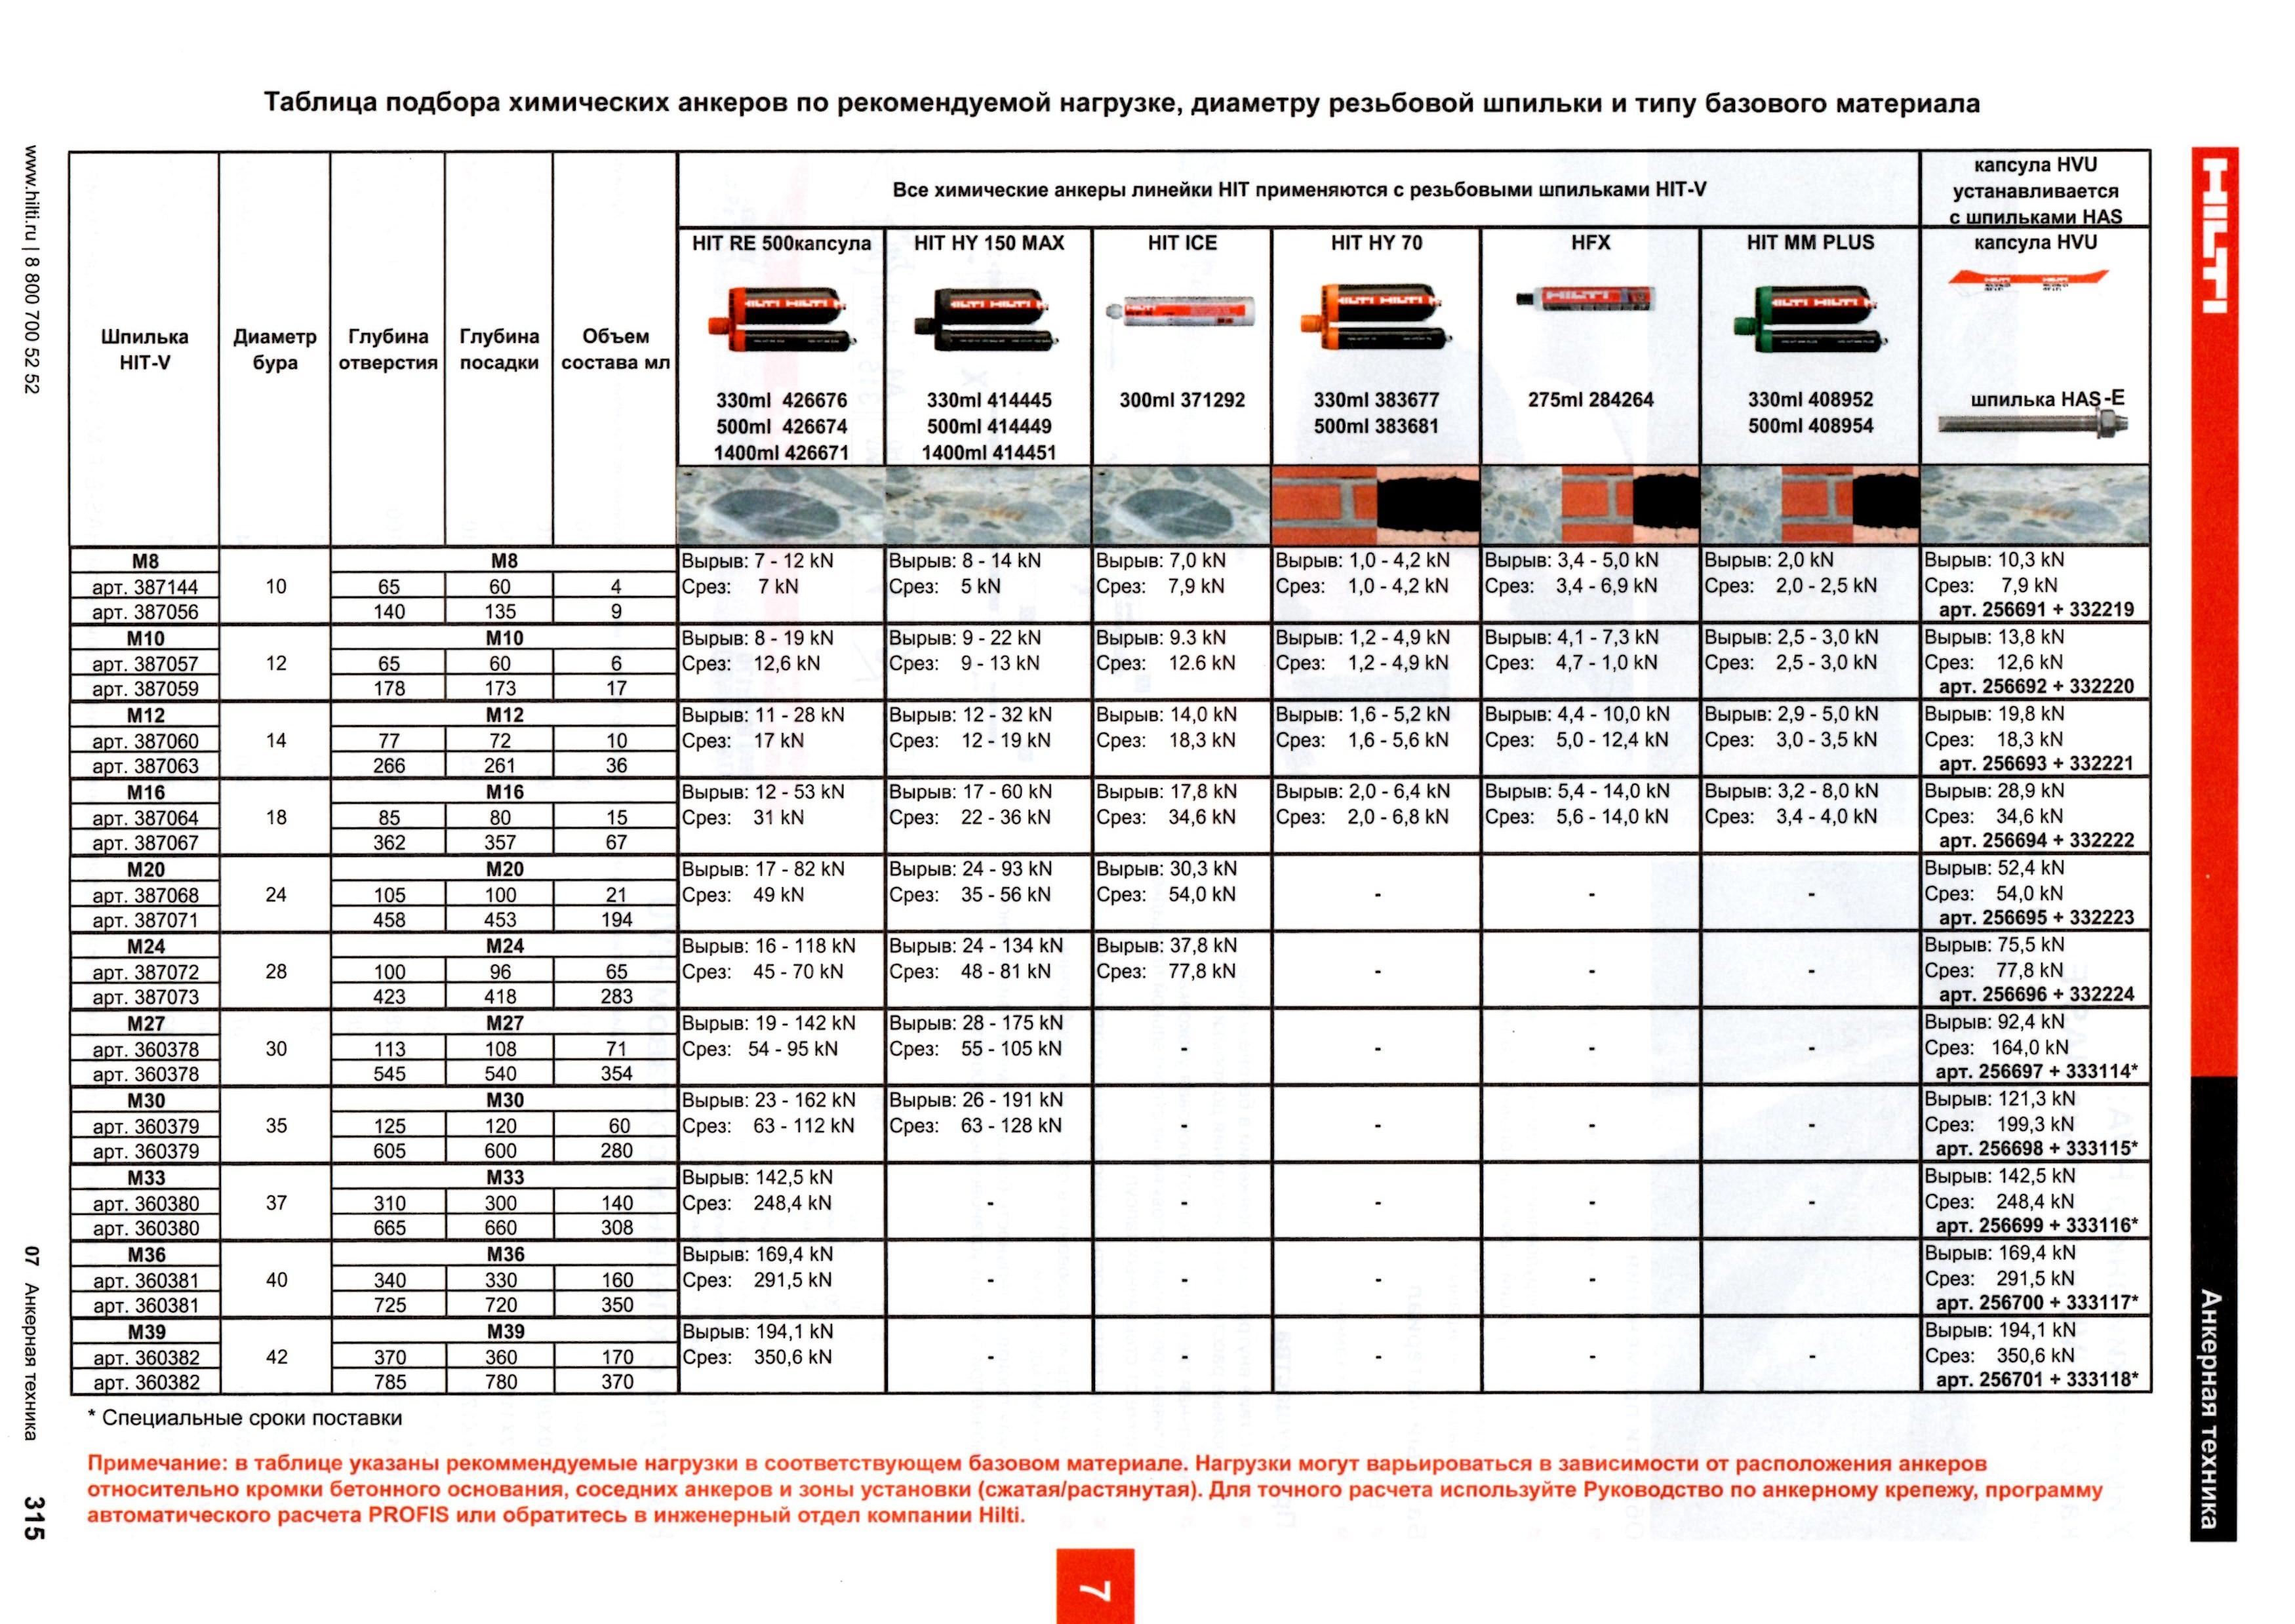 Химический анкер: назначение, разновидности, какая цена на анкер и где можно купить